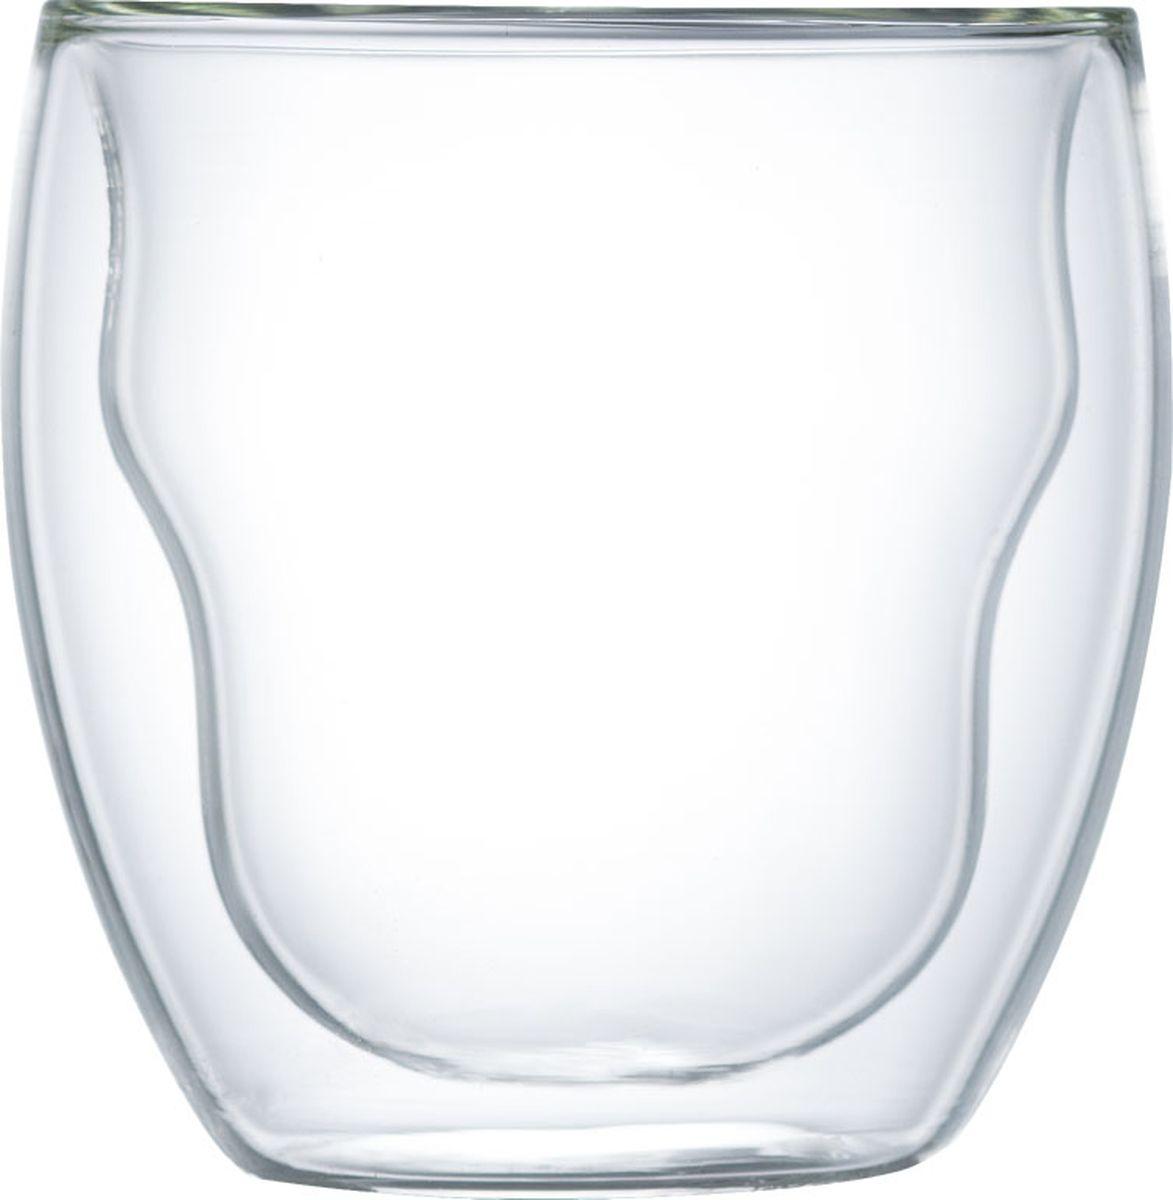 Набор термобокалов Walmer Prince, 250 мл, 2 штW02001025Набор Walmer Prince состоит из двух термобокалов, изготовленных из высококачественного жаропрочного стекла и оснащенных двойными стенками. Прослойка воздуха оставляет напитки долгое время горячими. Внешняя поверхность бокалов сохраняет при этом комнатную температуру. Можно мыть в посудомоечной машине и использовать в микроволновой печи. Диаметр (по верхнему краю): 8 см. Высота: 9 см.